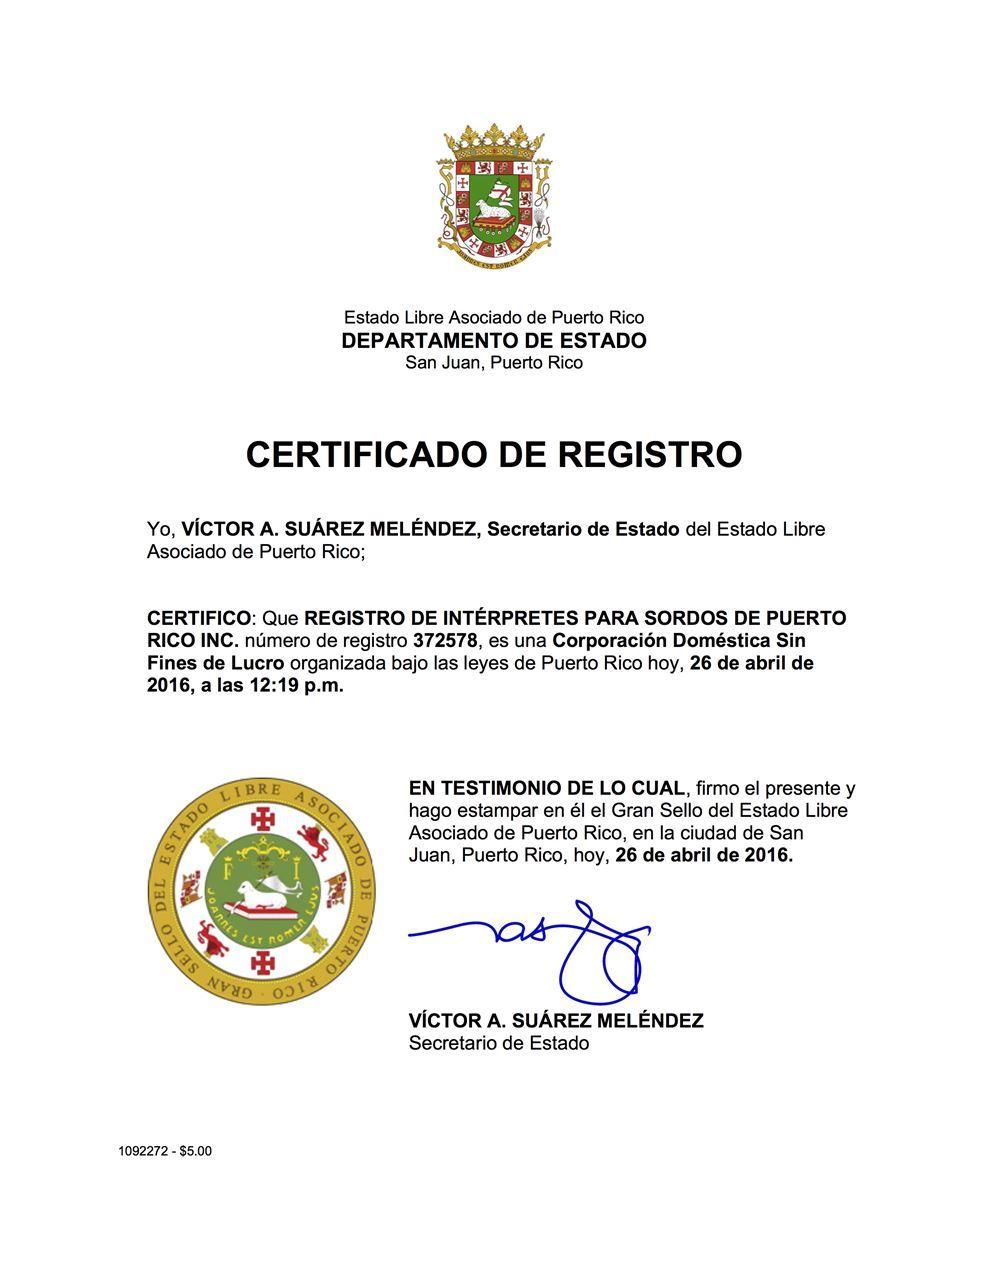 registro de intrpretes para sordos de puerto rico inc rispri certificado de registro certificate of registry